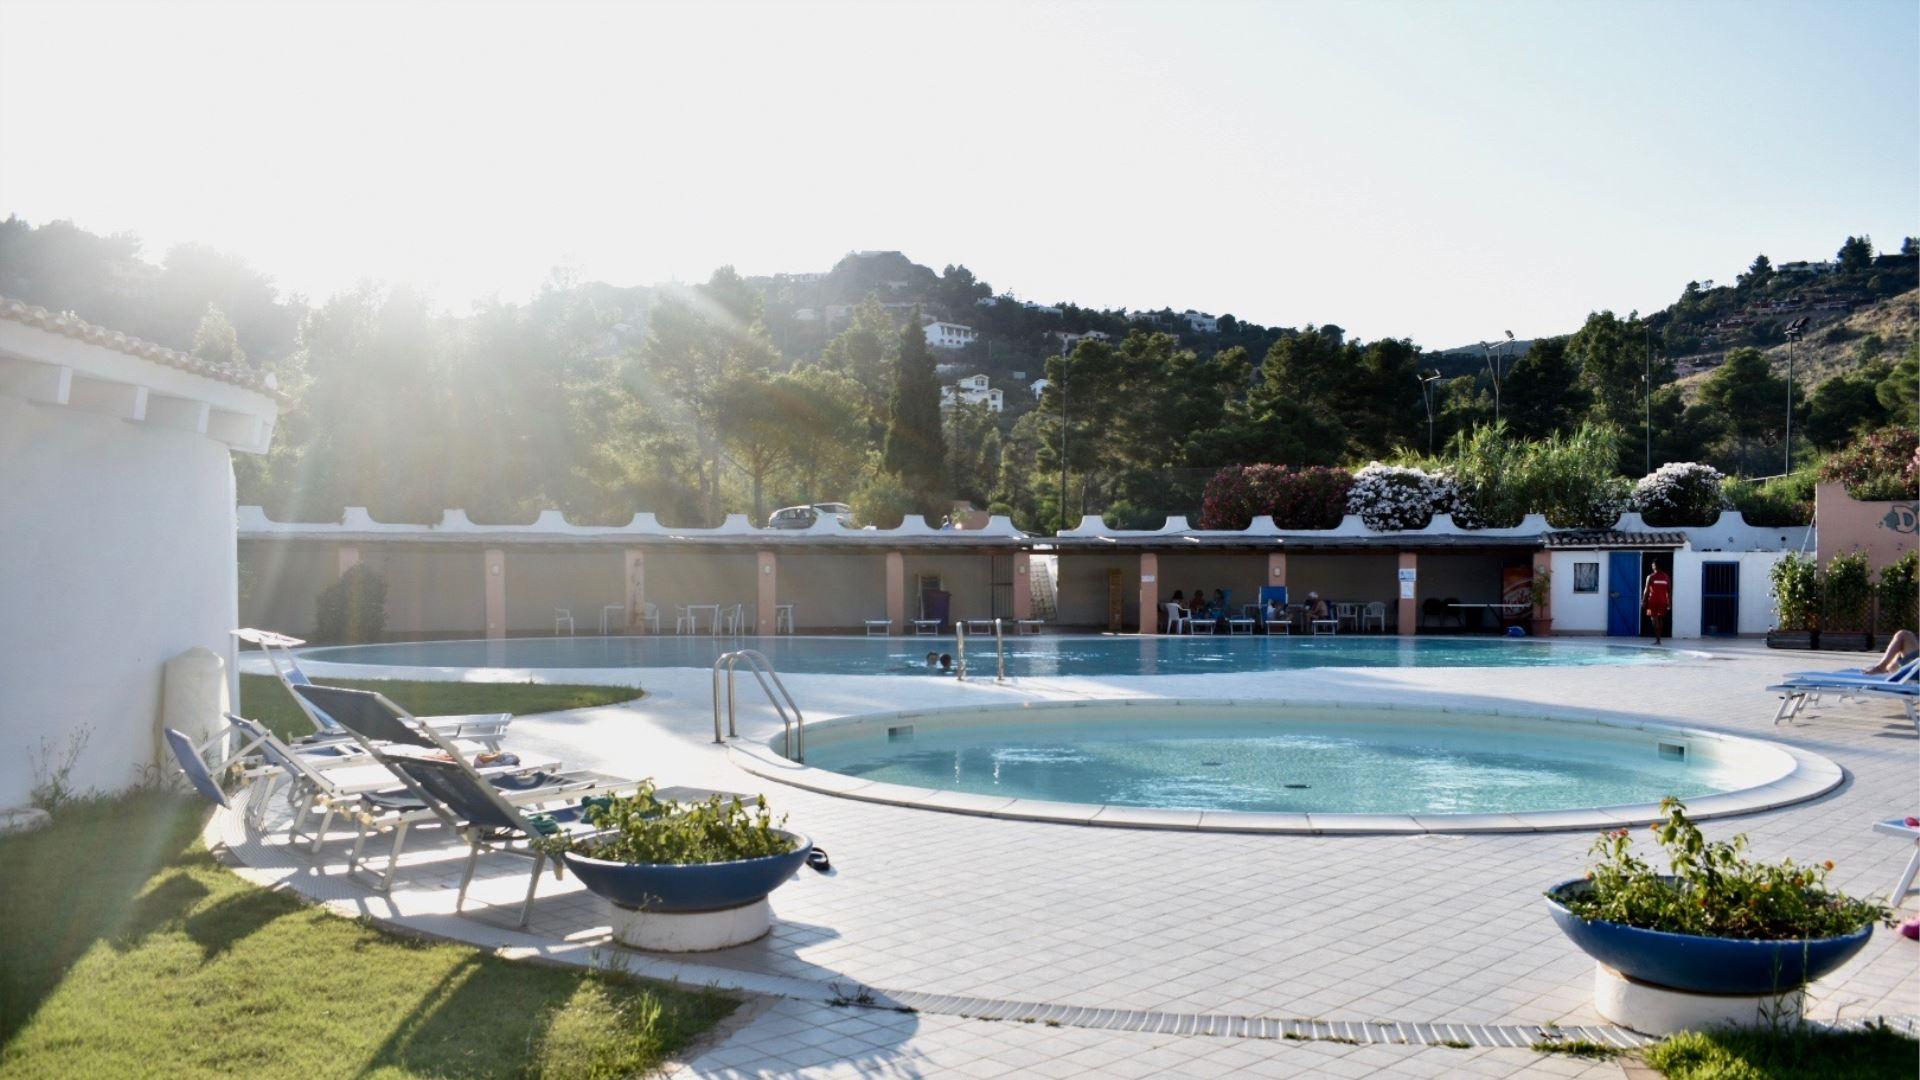 CHIA Villaggio CAPO BLU con piscina